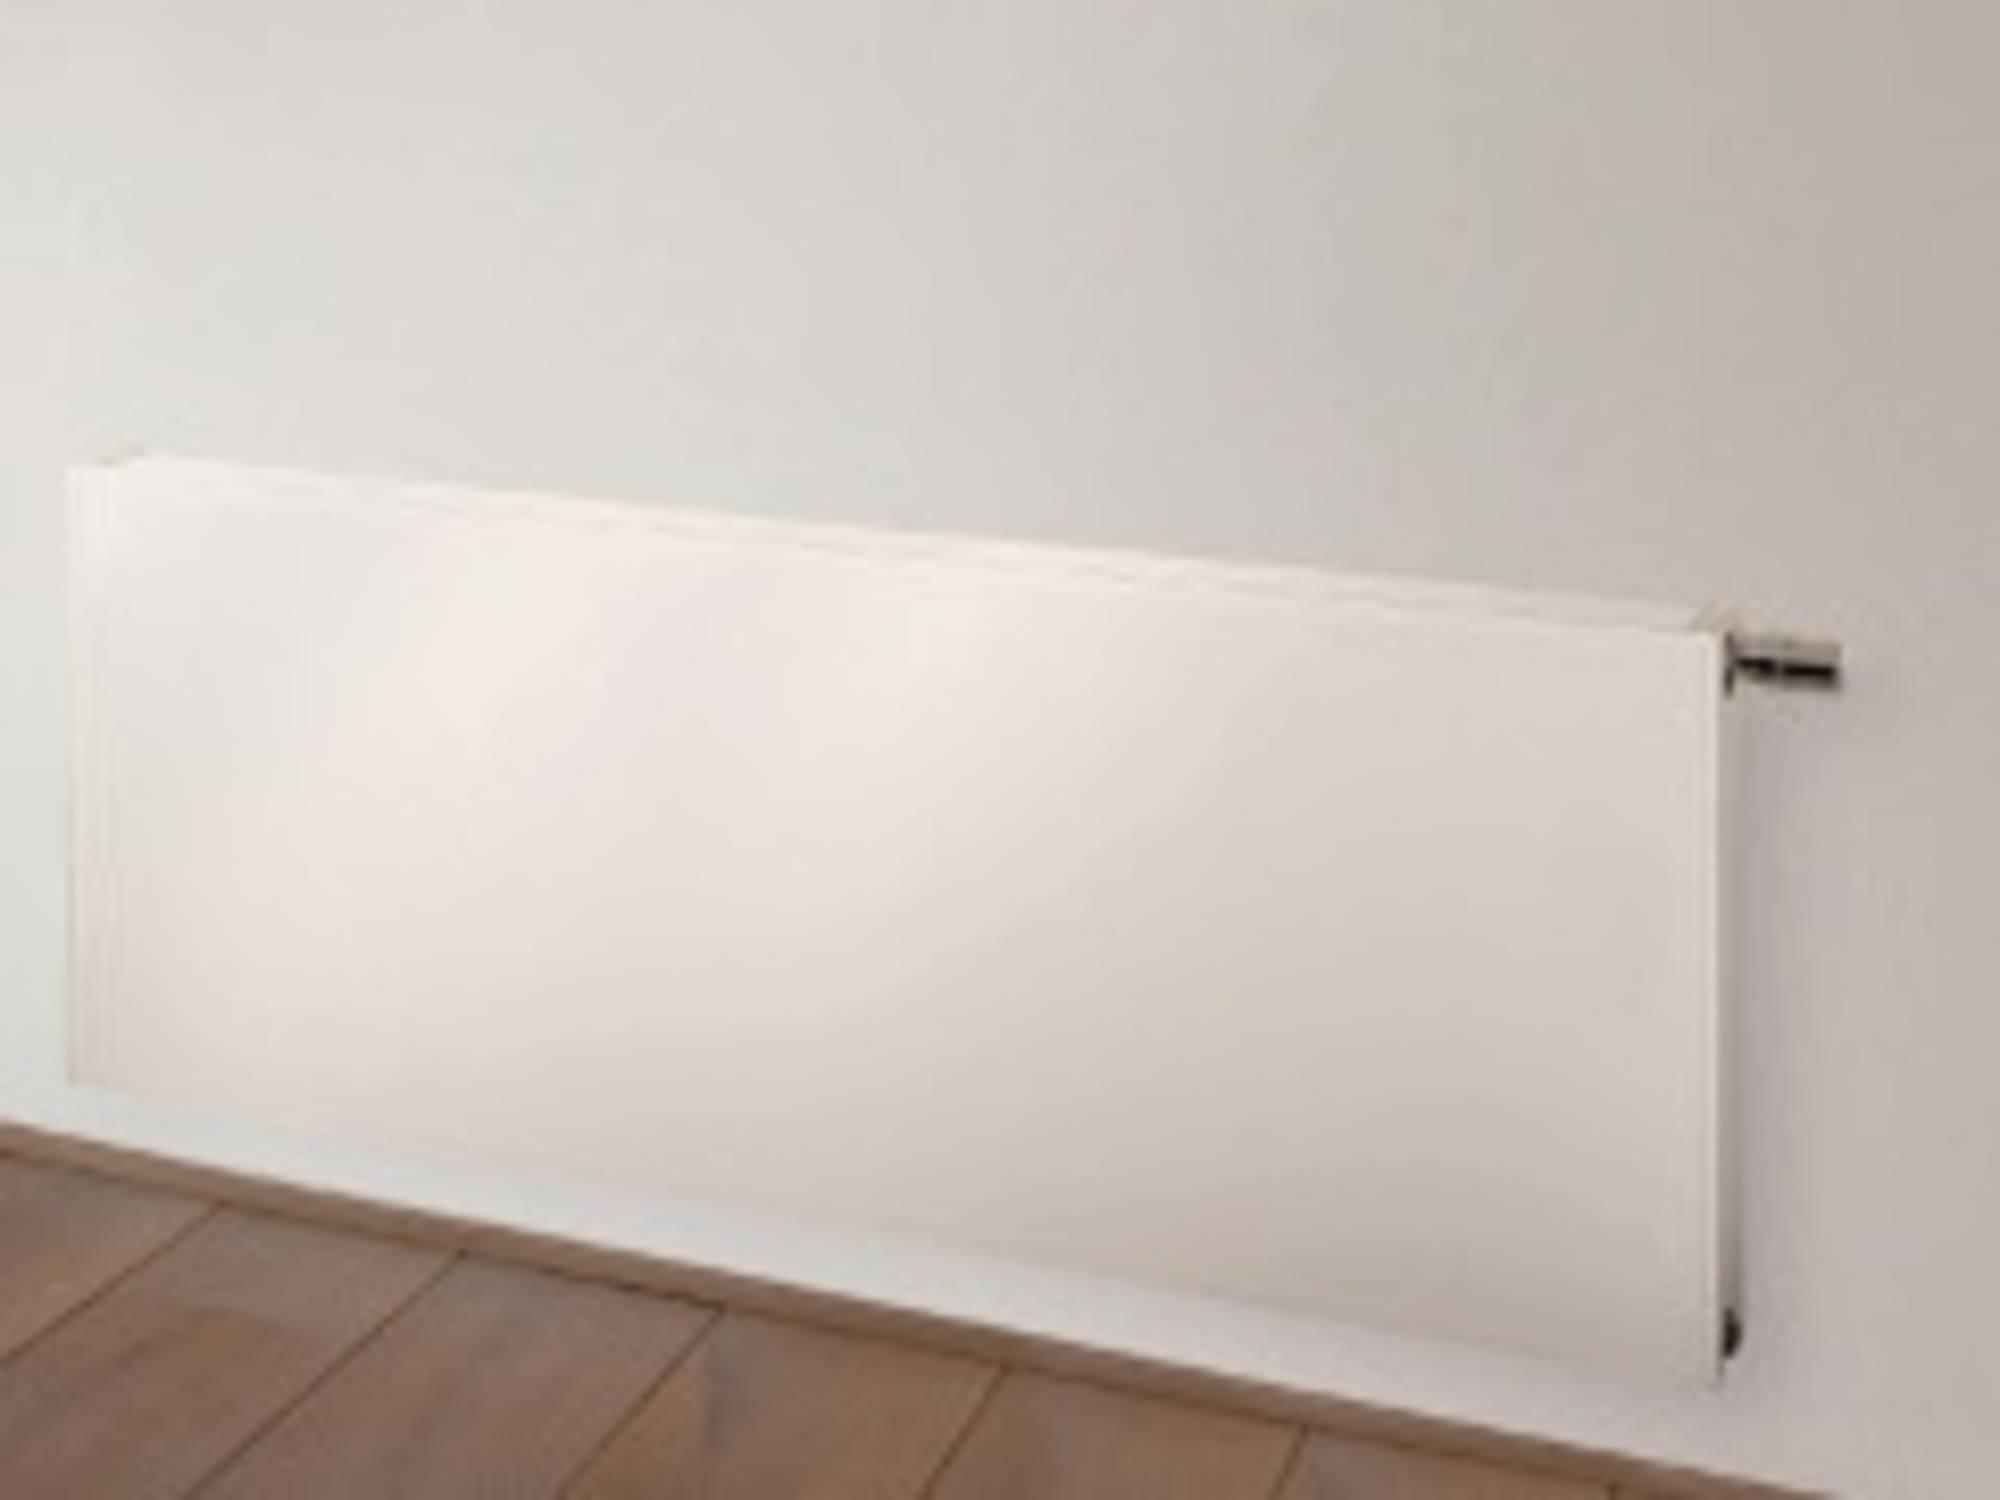 Vasco Flatline T22 radiator 1600x600 mm as=0098 2627w Wit S600